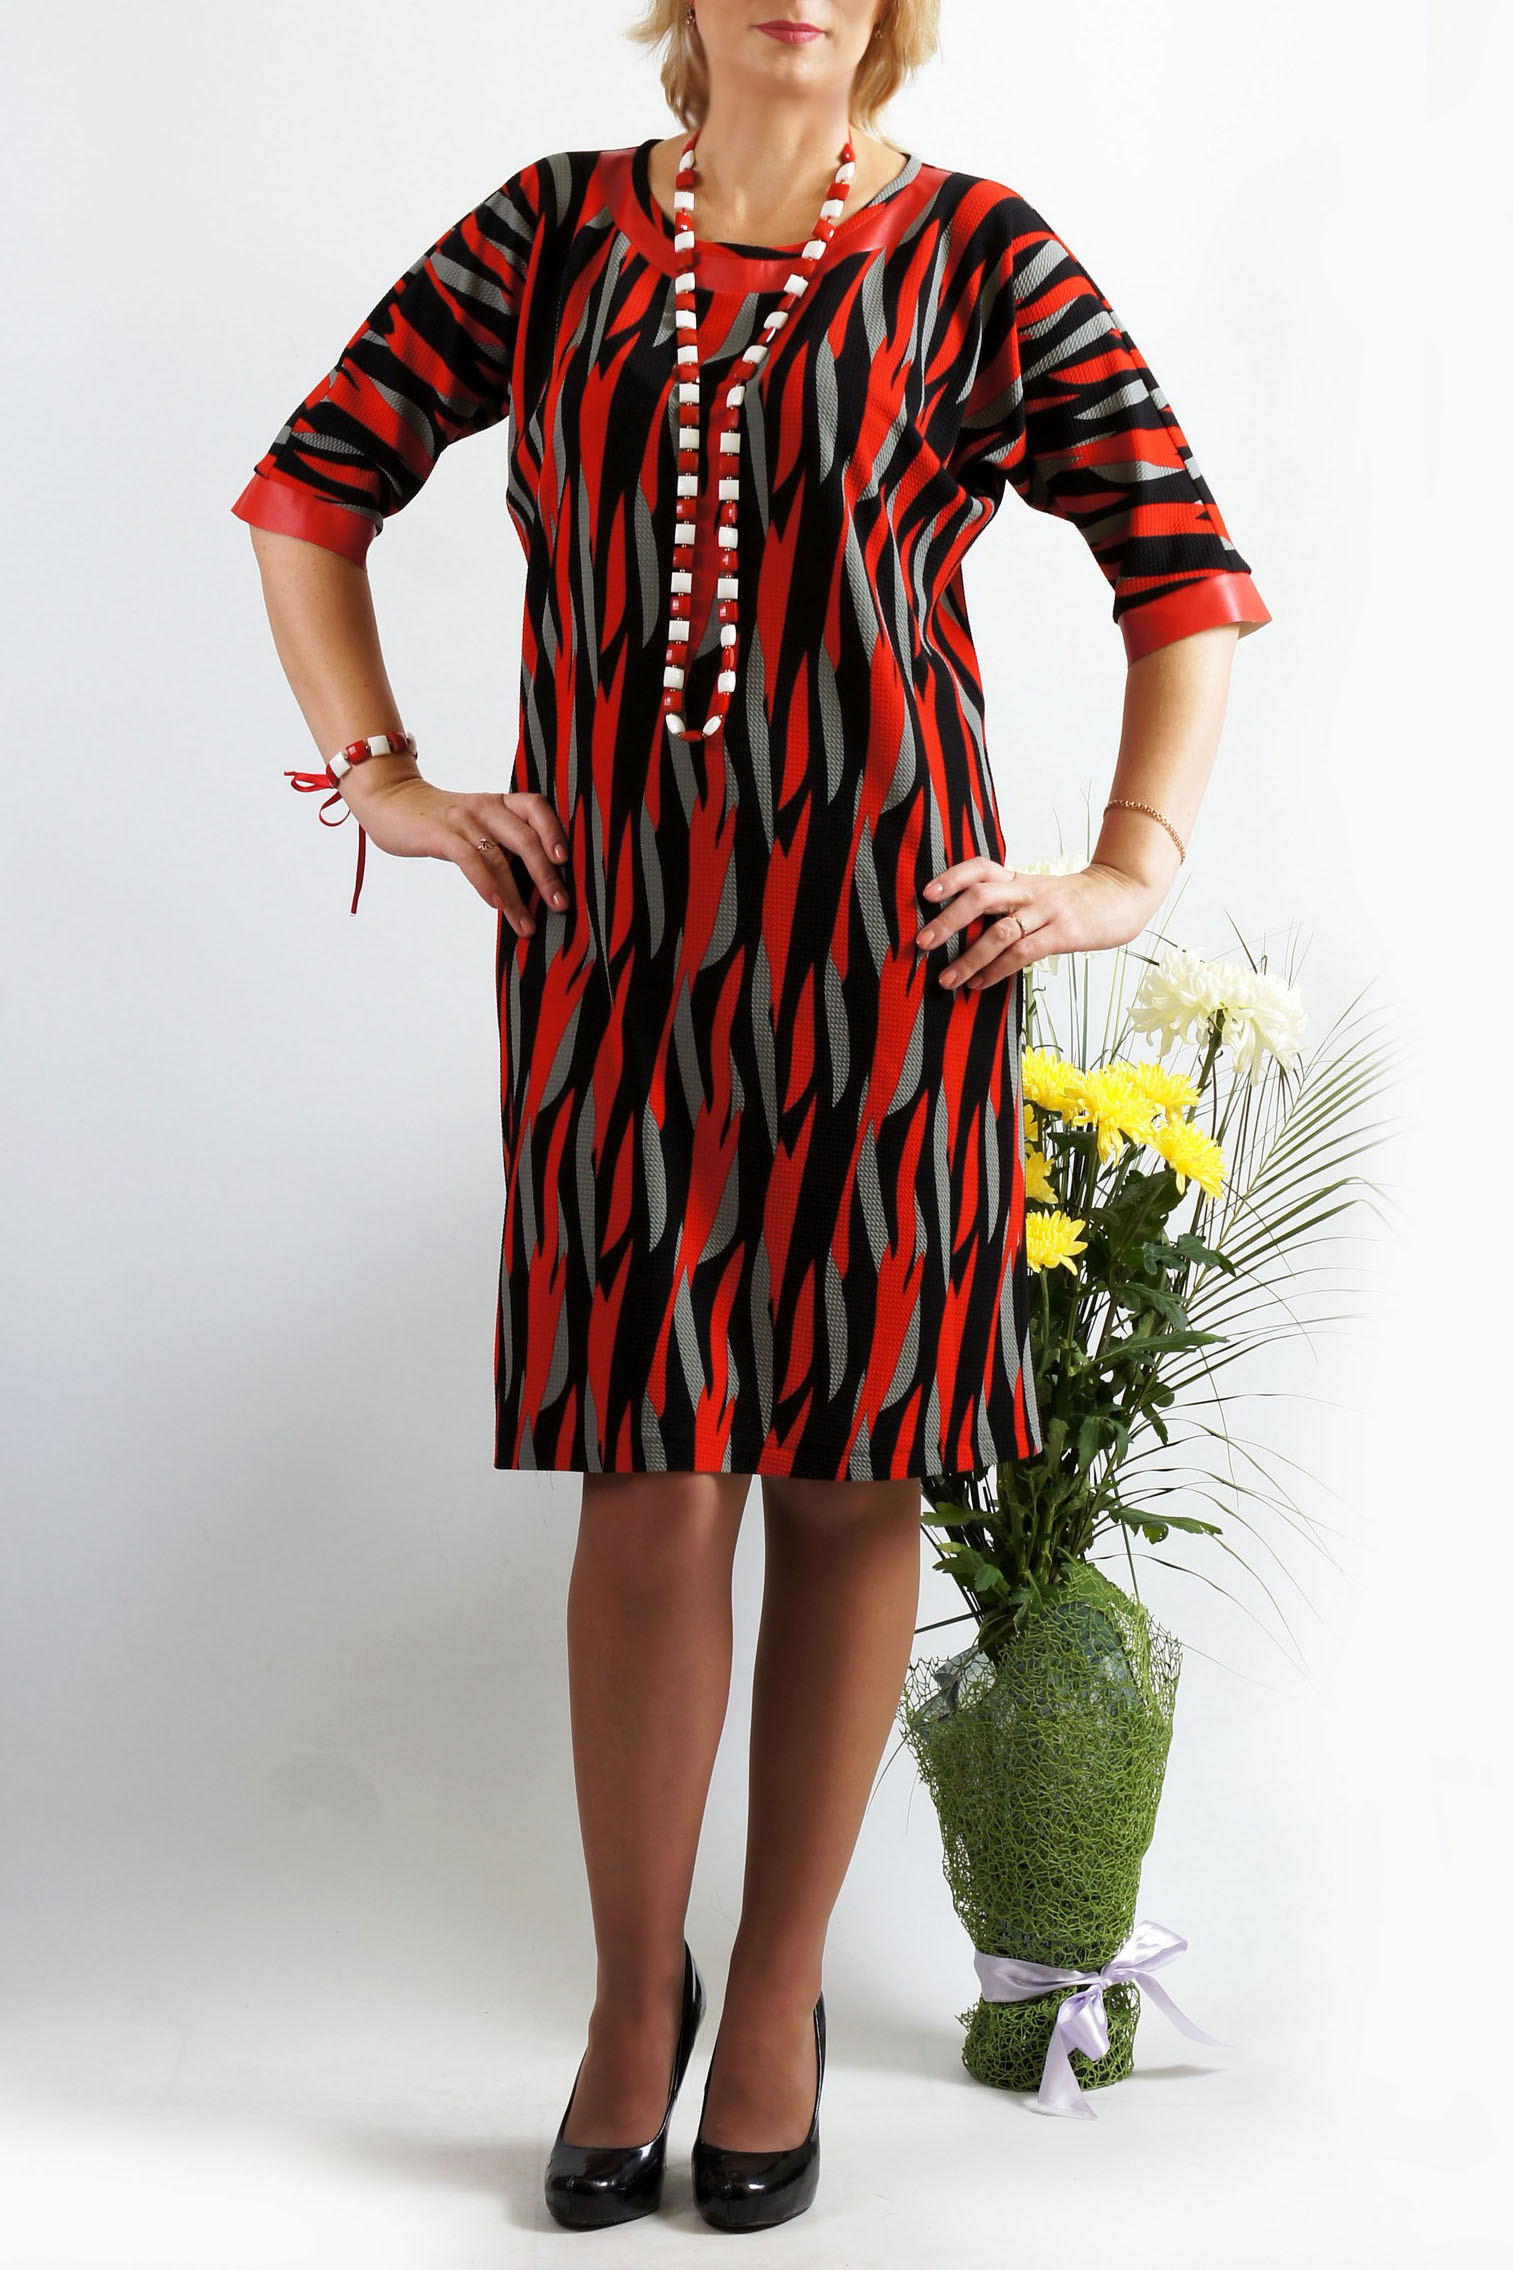 ПлатьеПлатья<br>Незаменимая вещь в Вашем гардеробе - супер комфортное платье из приятного трикотажа. Платье прямого силуэта с цельнокроеными рукавами. Рукава длиной до локтя, обработаны манжетой. Горловина расширенная, округлая, по переду обработана двойной кокеткой.  Длина около 93-96 см. в зависимости от размера  В изделии использованы цвета: красный и др.  Параметры размеров: 42 размер - обхват груди 84 см., обхват талии 64 см., обхват бедер 92 см. 44 размер - обхват груди 88 см., обхват талии 68 см., обхват бедер 96 см. 46 размер - обхват груди 92 см., обхват талии 72 см., обхват бедер 100 см. 48 размер - обхват груди 96 см., обхват талии 76 см., обхват бедер 104 см. 50 размер - обхват груди 100 см., обхват талии 80 см., обхват бедер 108 см. 52 размер - обхват груди 104 см., обхват талии 85 см., обхват бедер 112 см. 54 размер - обхват груди 108 см., обхват талии 89 см., обхват бедер 116 см. 56 размер - обхват груди 112 см., обхват талии 94 см., обхват бедер 120 см. 58 размер - обхват груди 116 см., обхват талии 100 см., обхват бедер 124 см.  Ростовка изделия 167-173 см.<br><br>Горловина: С- горловина<br>По длине: До колена<br>По материалу: Вискоза,Трикотаж<br>По рисунку: С принтом,Цветные<br>По силуэту: Полуприталенные<br>По стилю: Повседневный стиль<br>По форме: Платье - футляр<br>По элементам: С разрезом<br>Разрез: Короткий<br>Рукав: До локтя<br>По сезону: Осень,Весна,Зима<br>Размер : 50,52<br>Материал: Трикотаж<br>Количество в наличии: 2